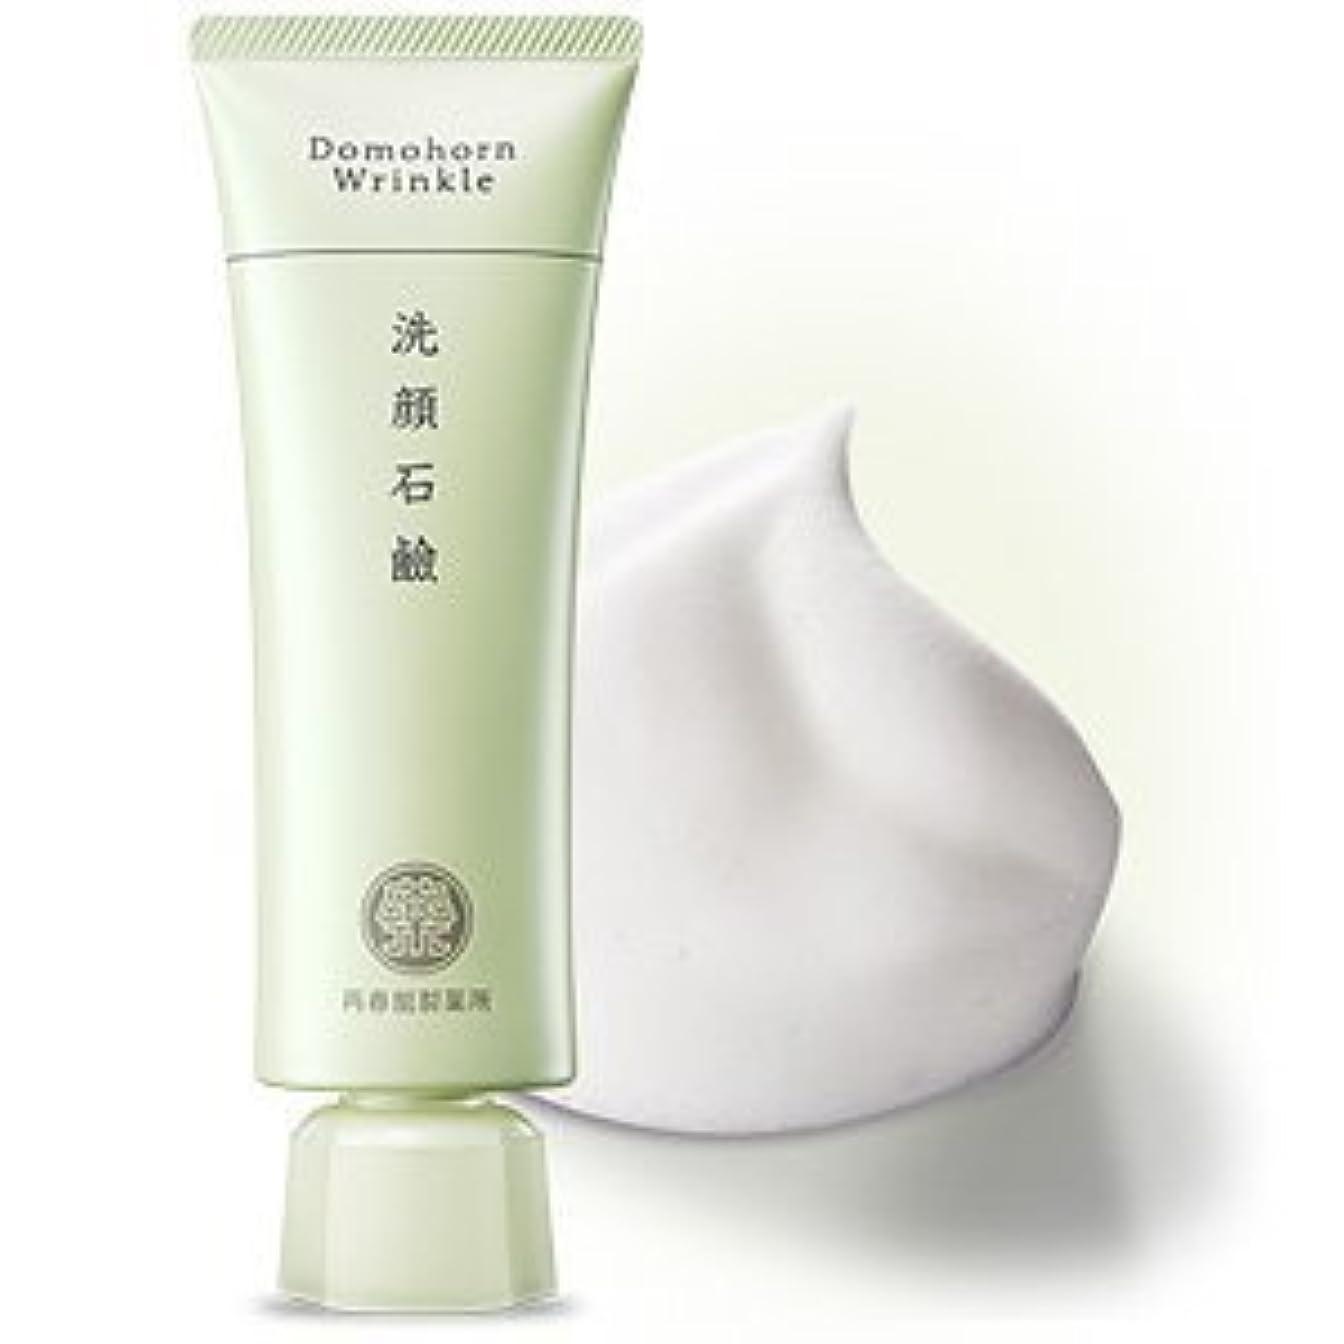 食欲オートマトンスラッシュ【濃密泡で毛穴対策にも】ドモホルンリンクル 洗顔石鹸 約60日分